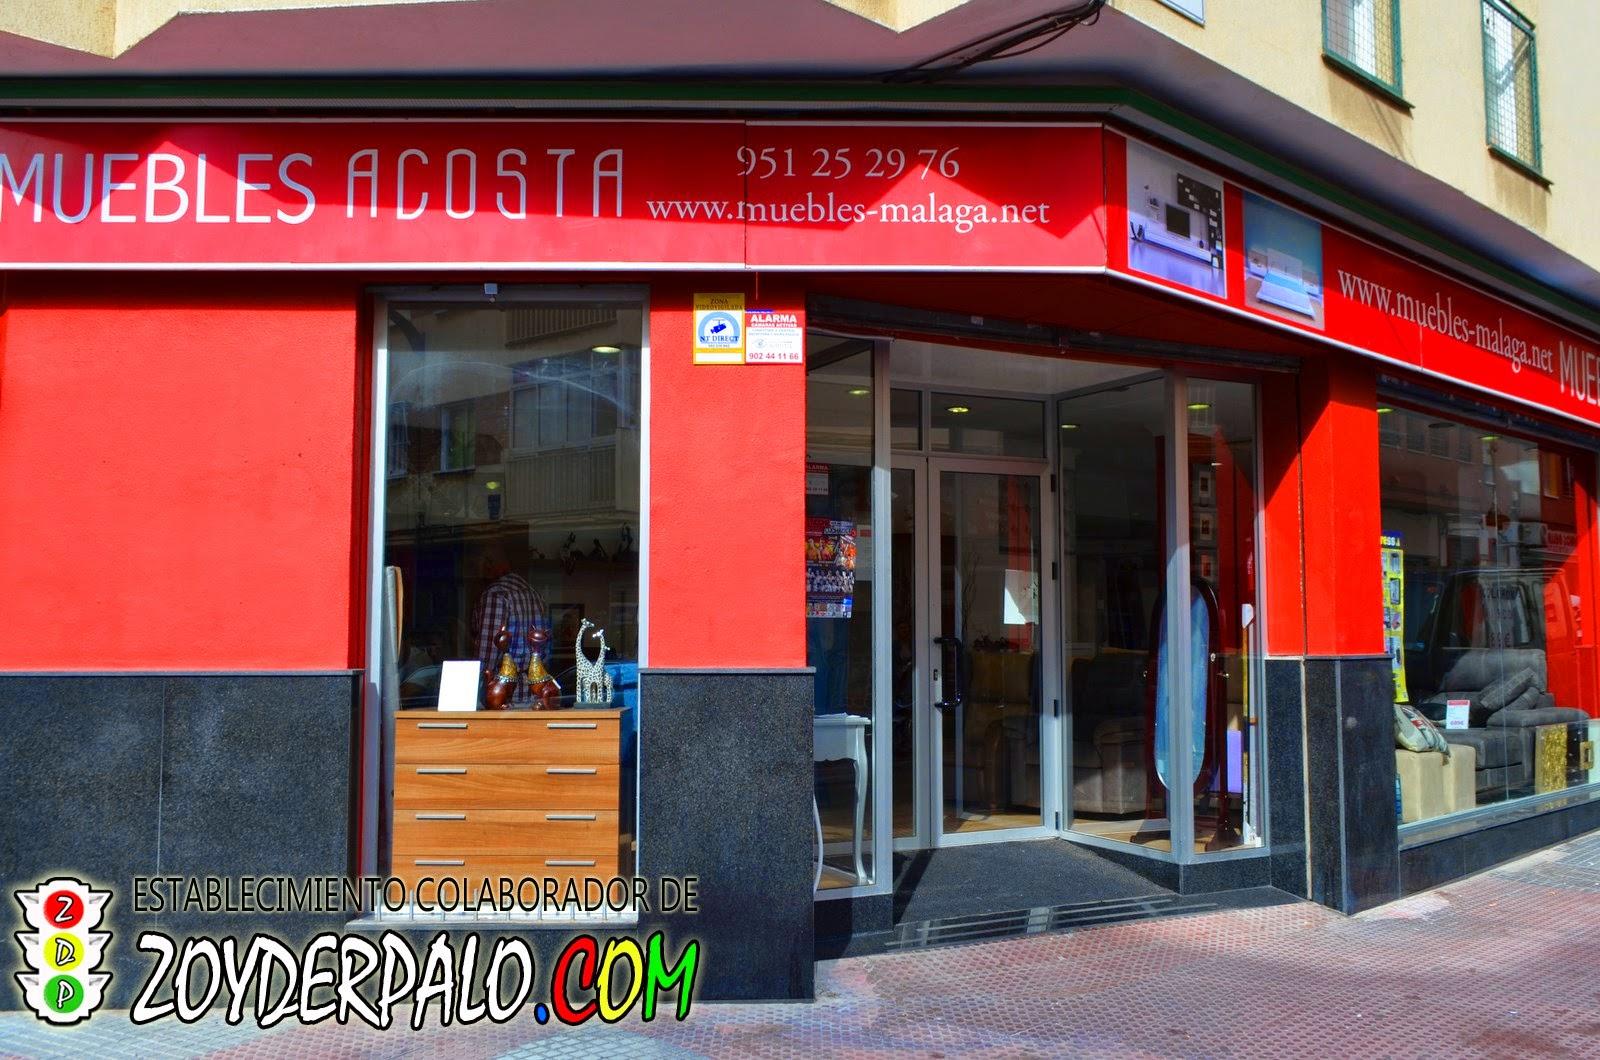 Tienda De Muebles En Malaga Muebles Mlaga Tienda De Muebles  # Muebles Malaga Nostrum